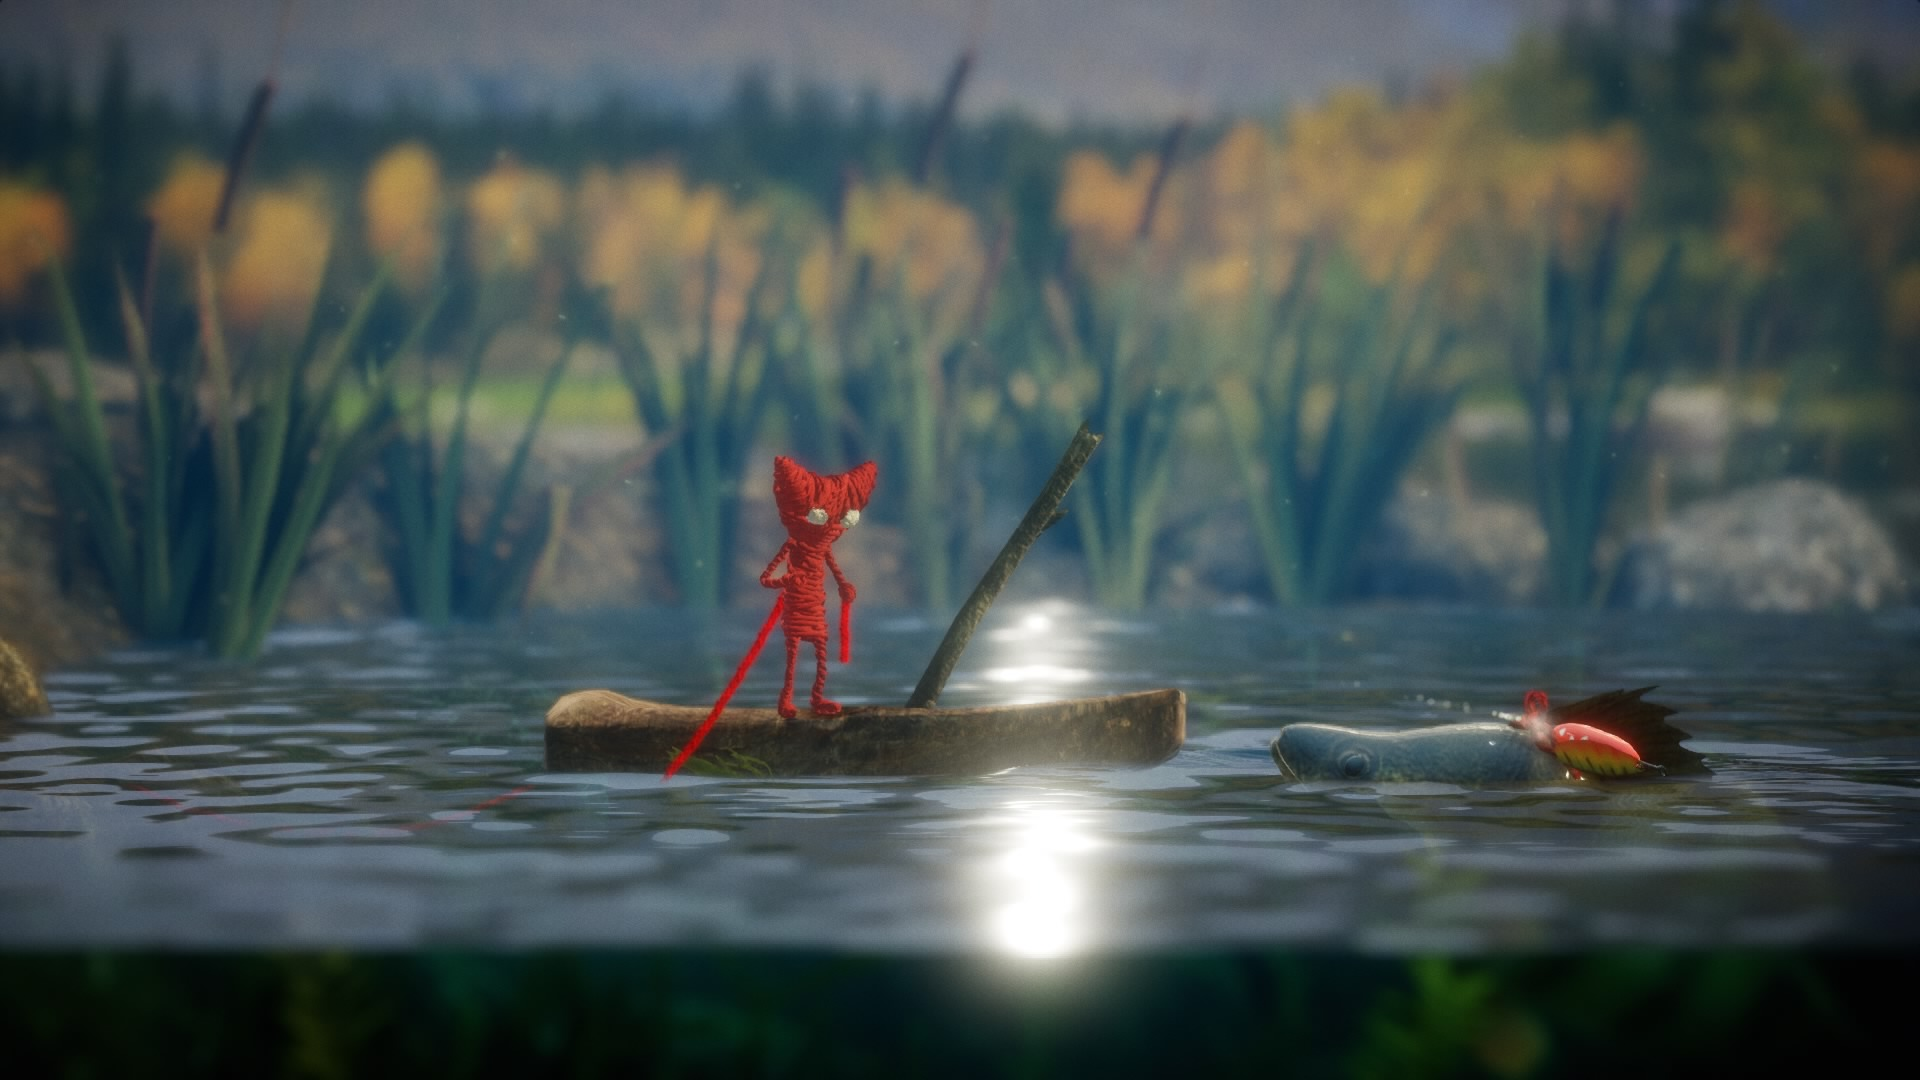 Unravel : Yarny sur sa barque